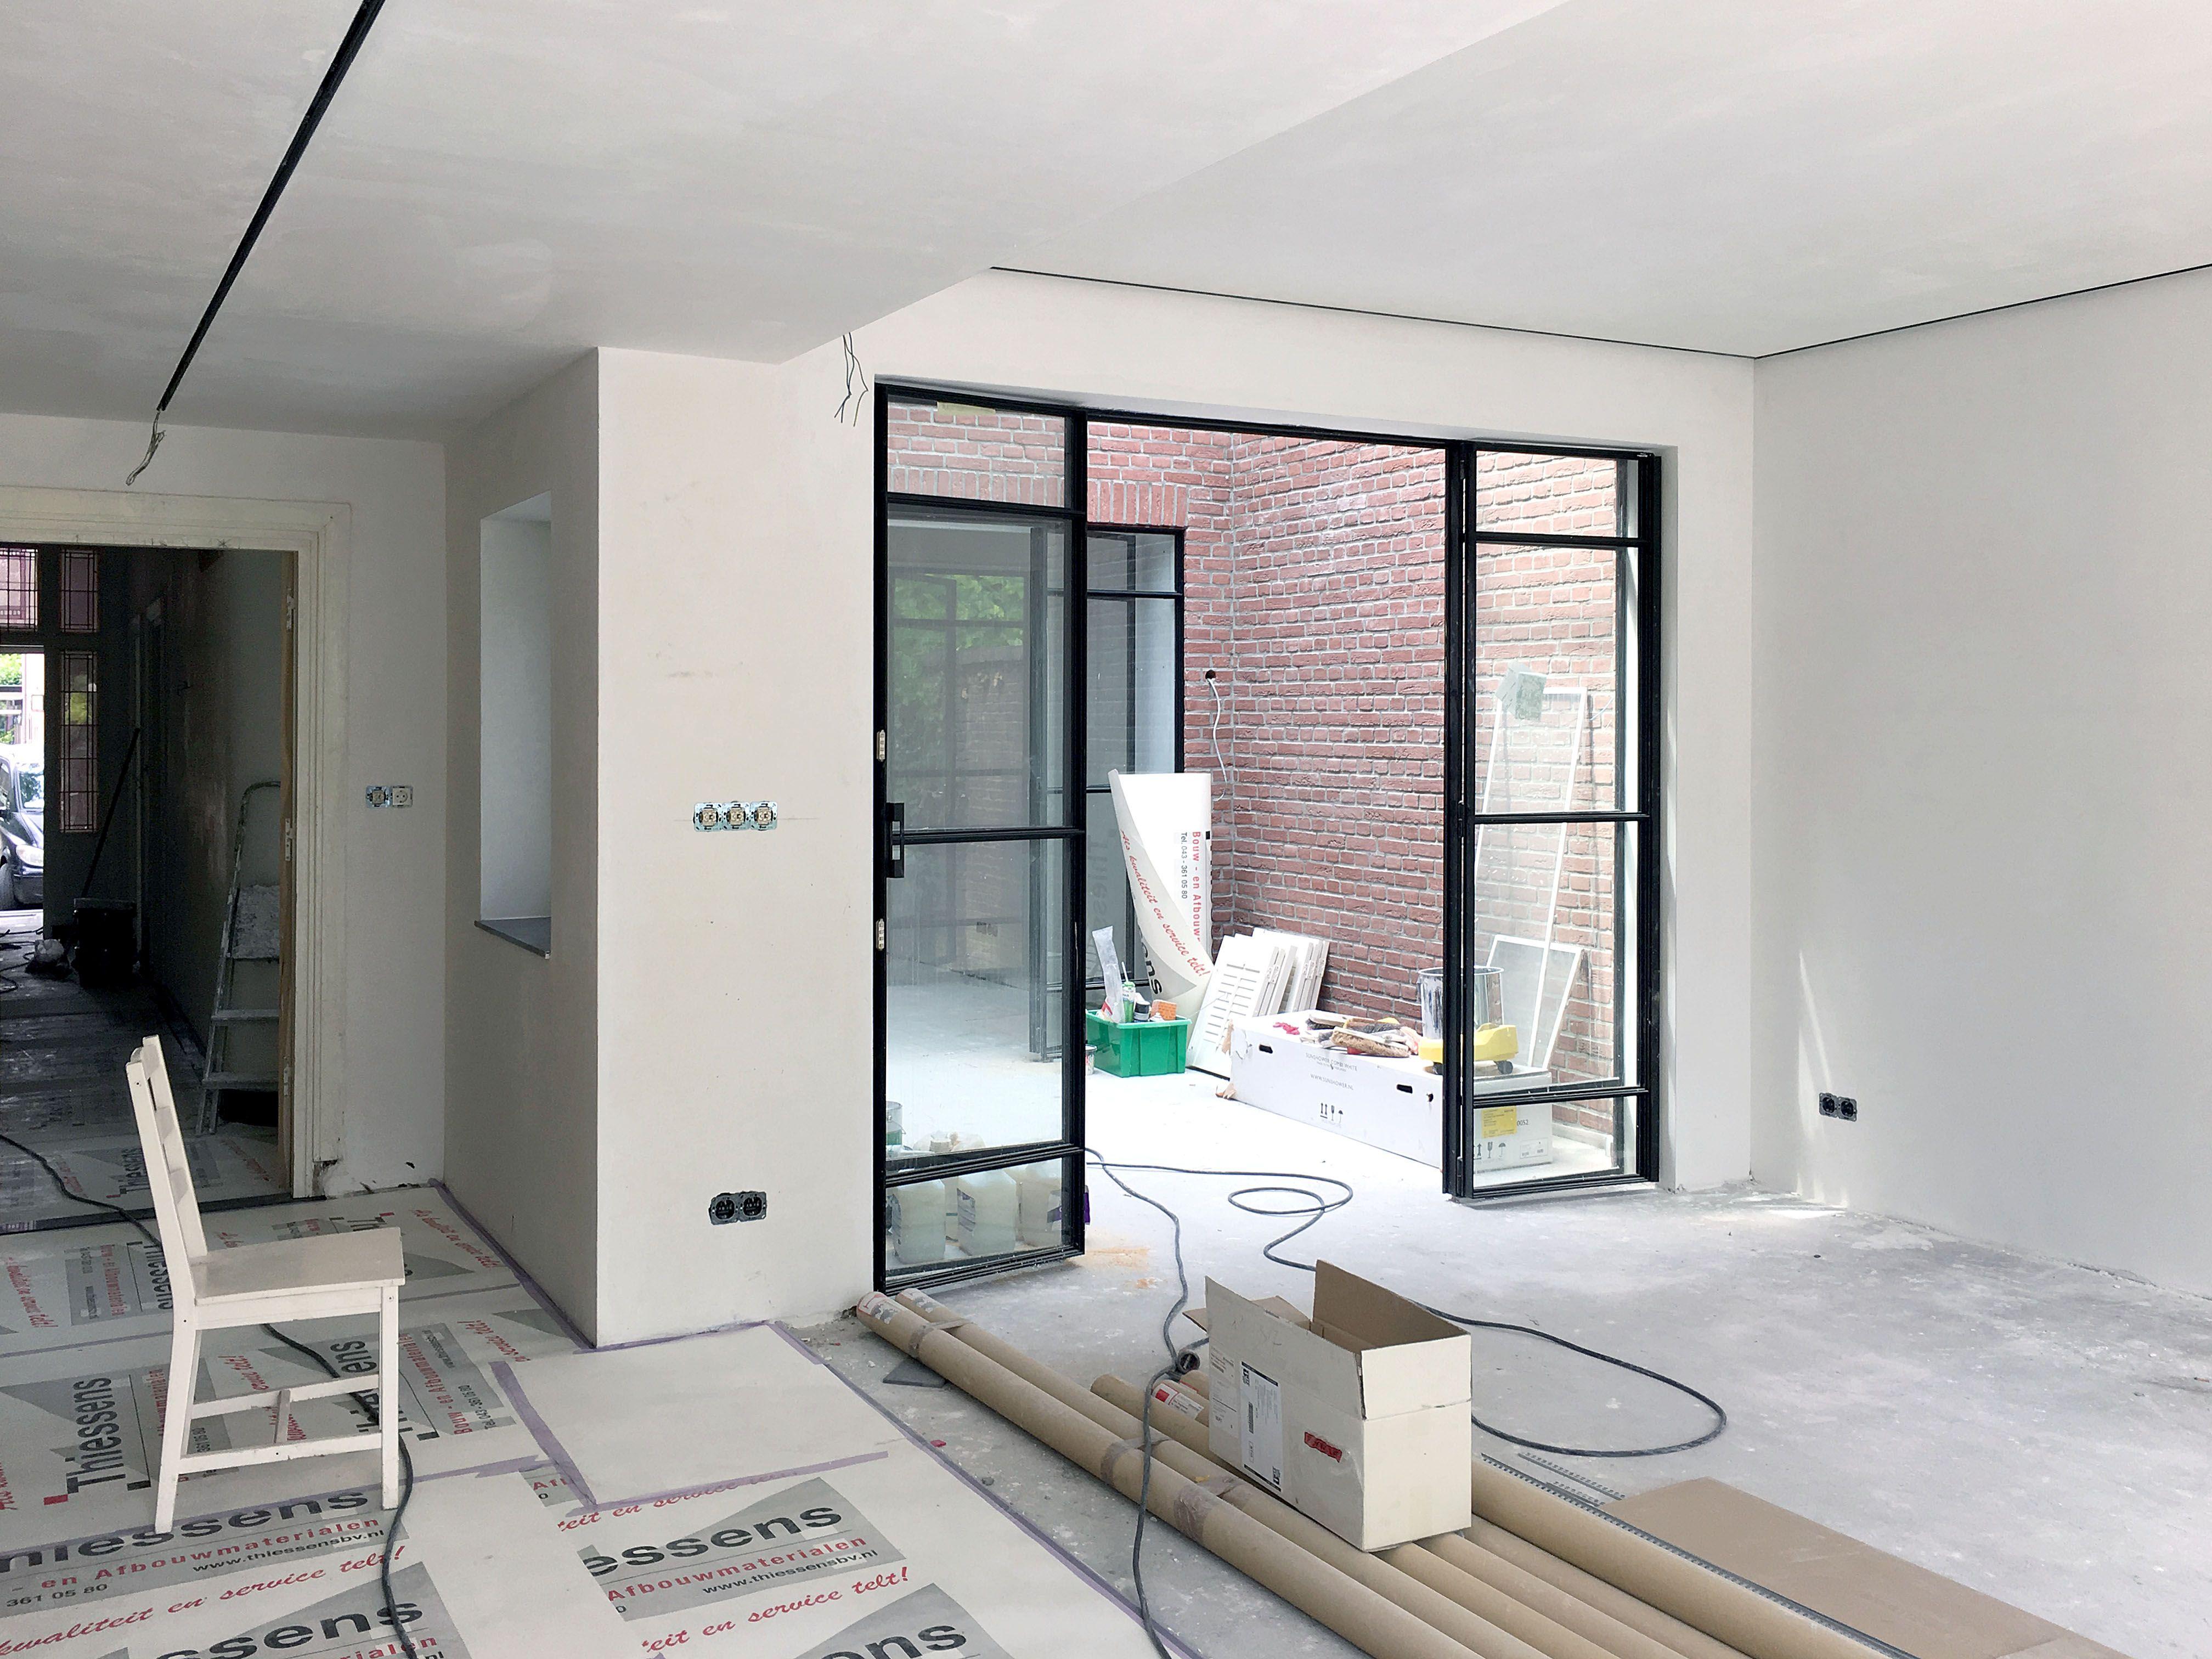 Keuken Design Maastricht : Jaren woonhuis maastricht de wanden en plafonds in de keuken